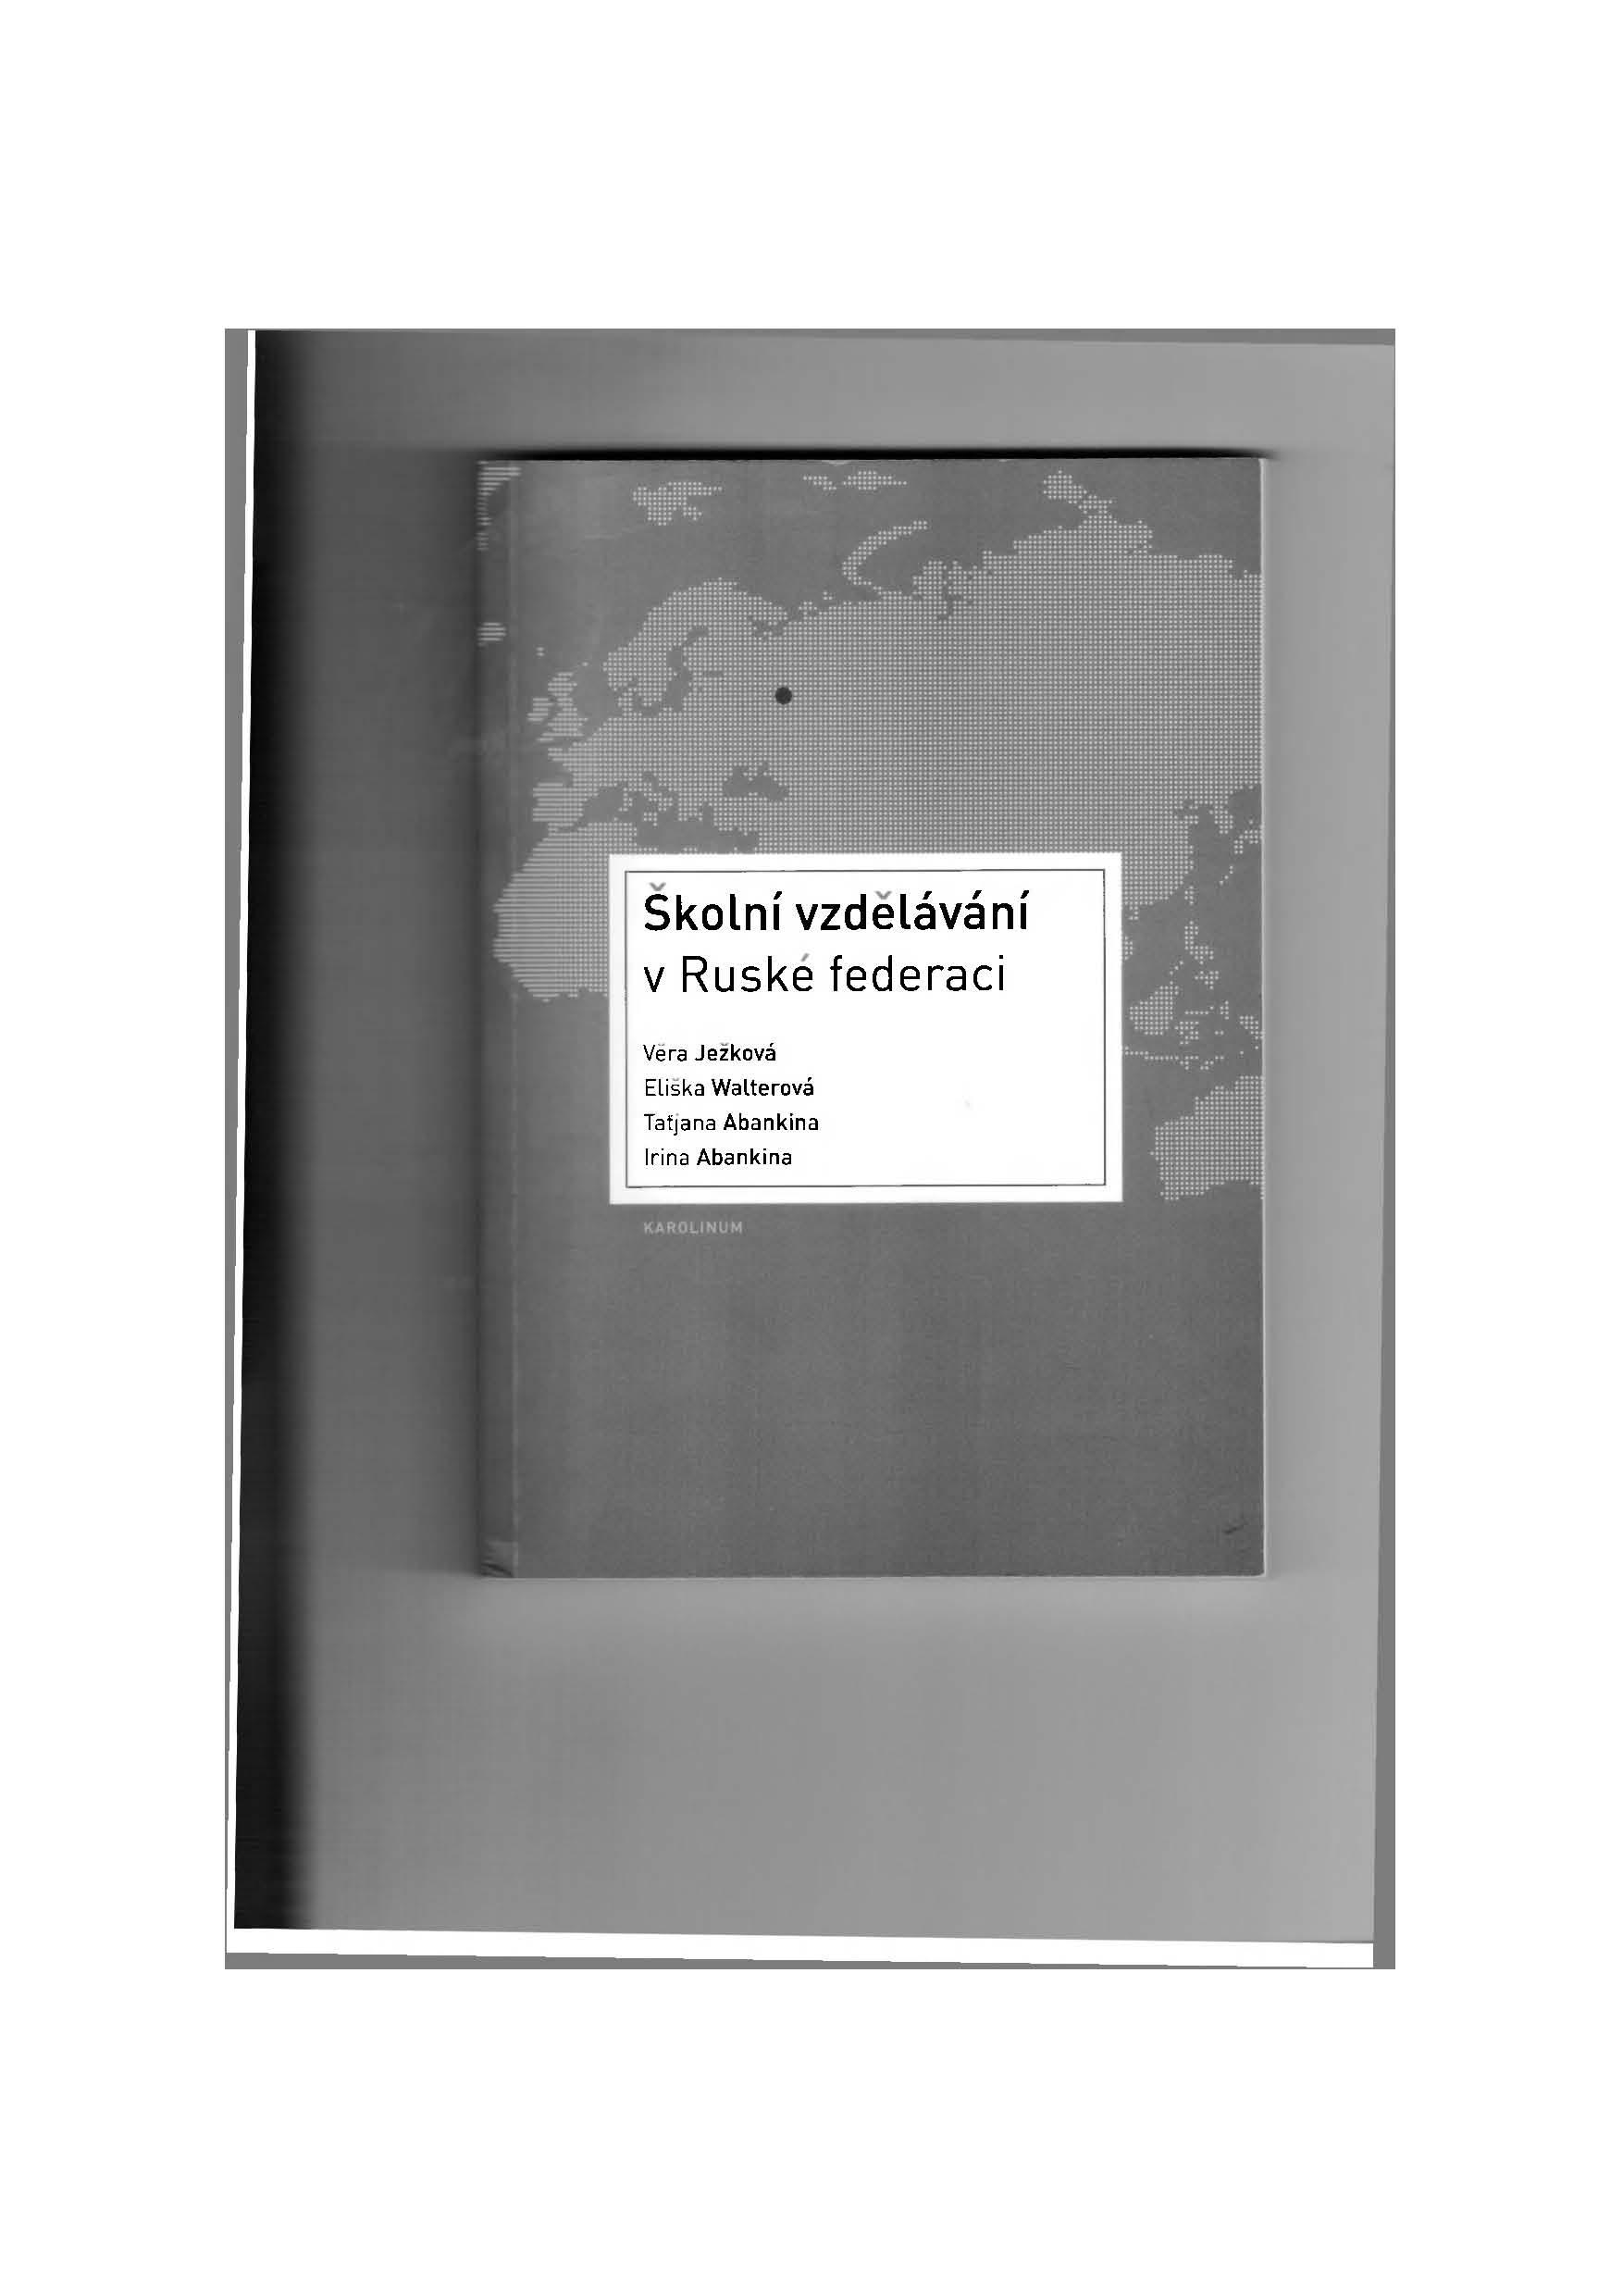 Школьное образование в Российской Федерации